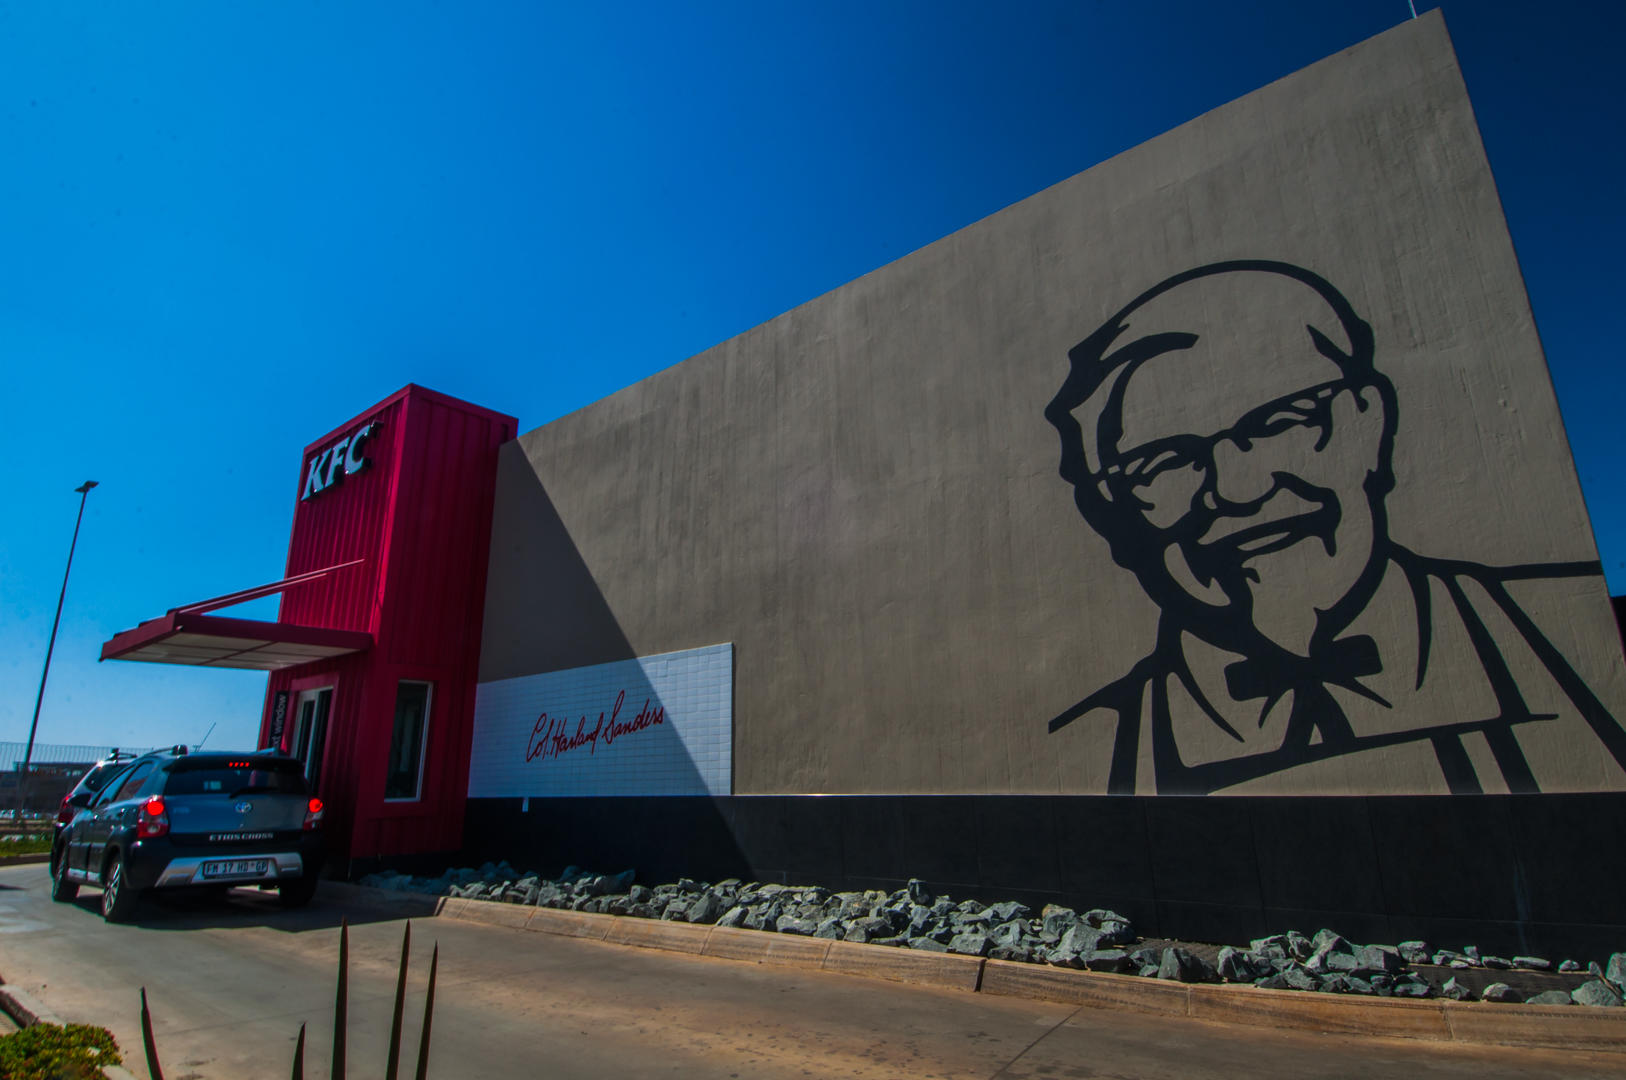 KFC Tambotie Mall